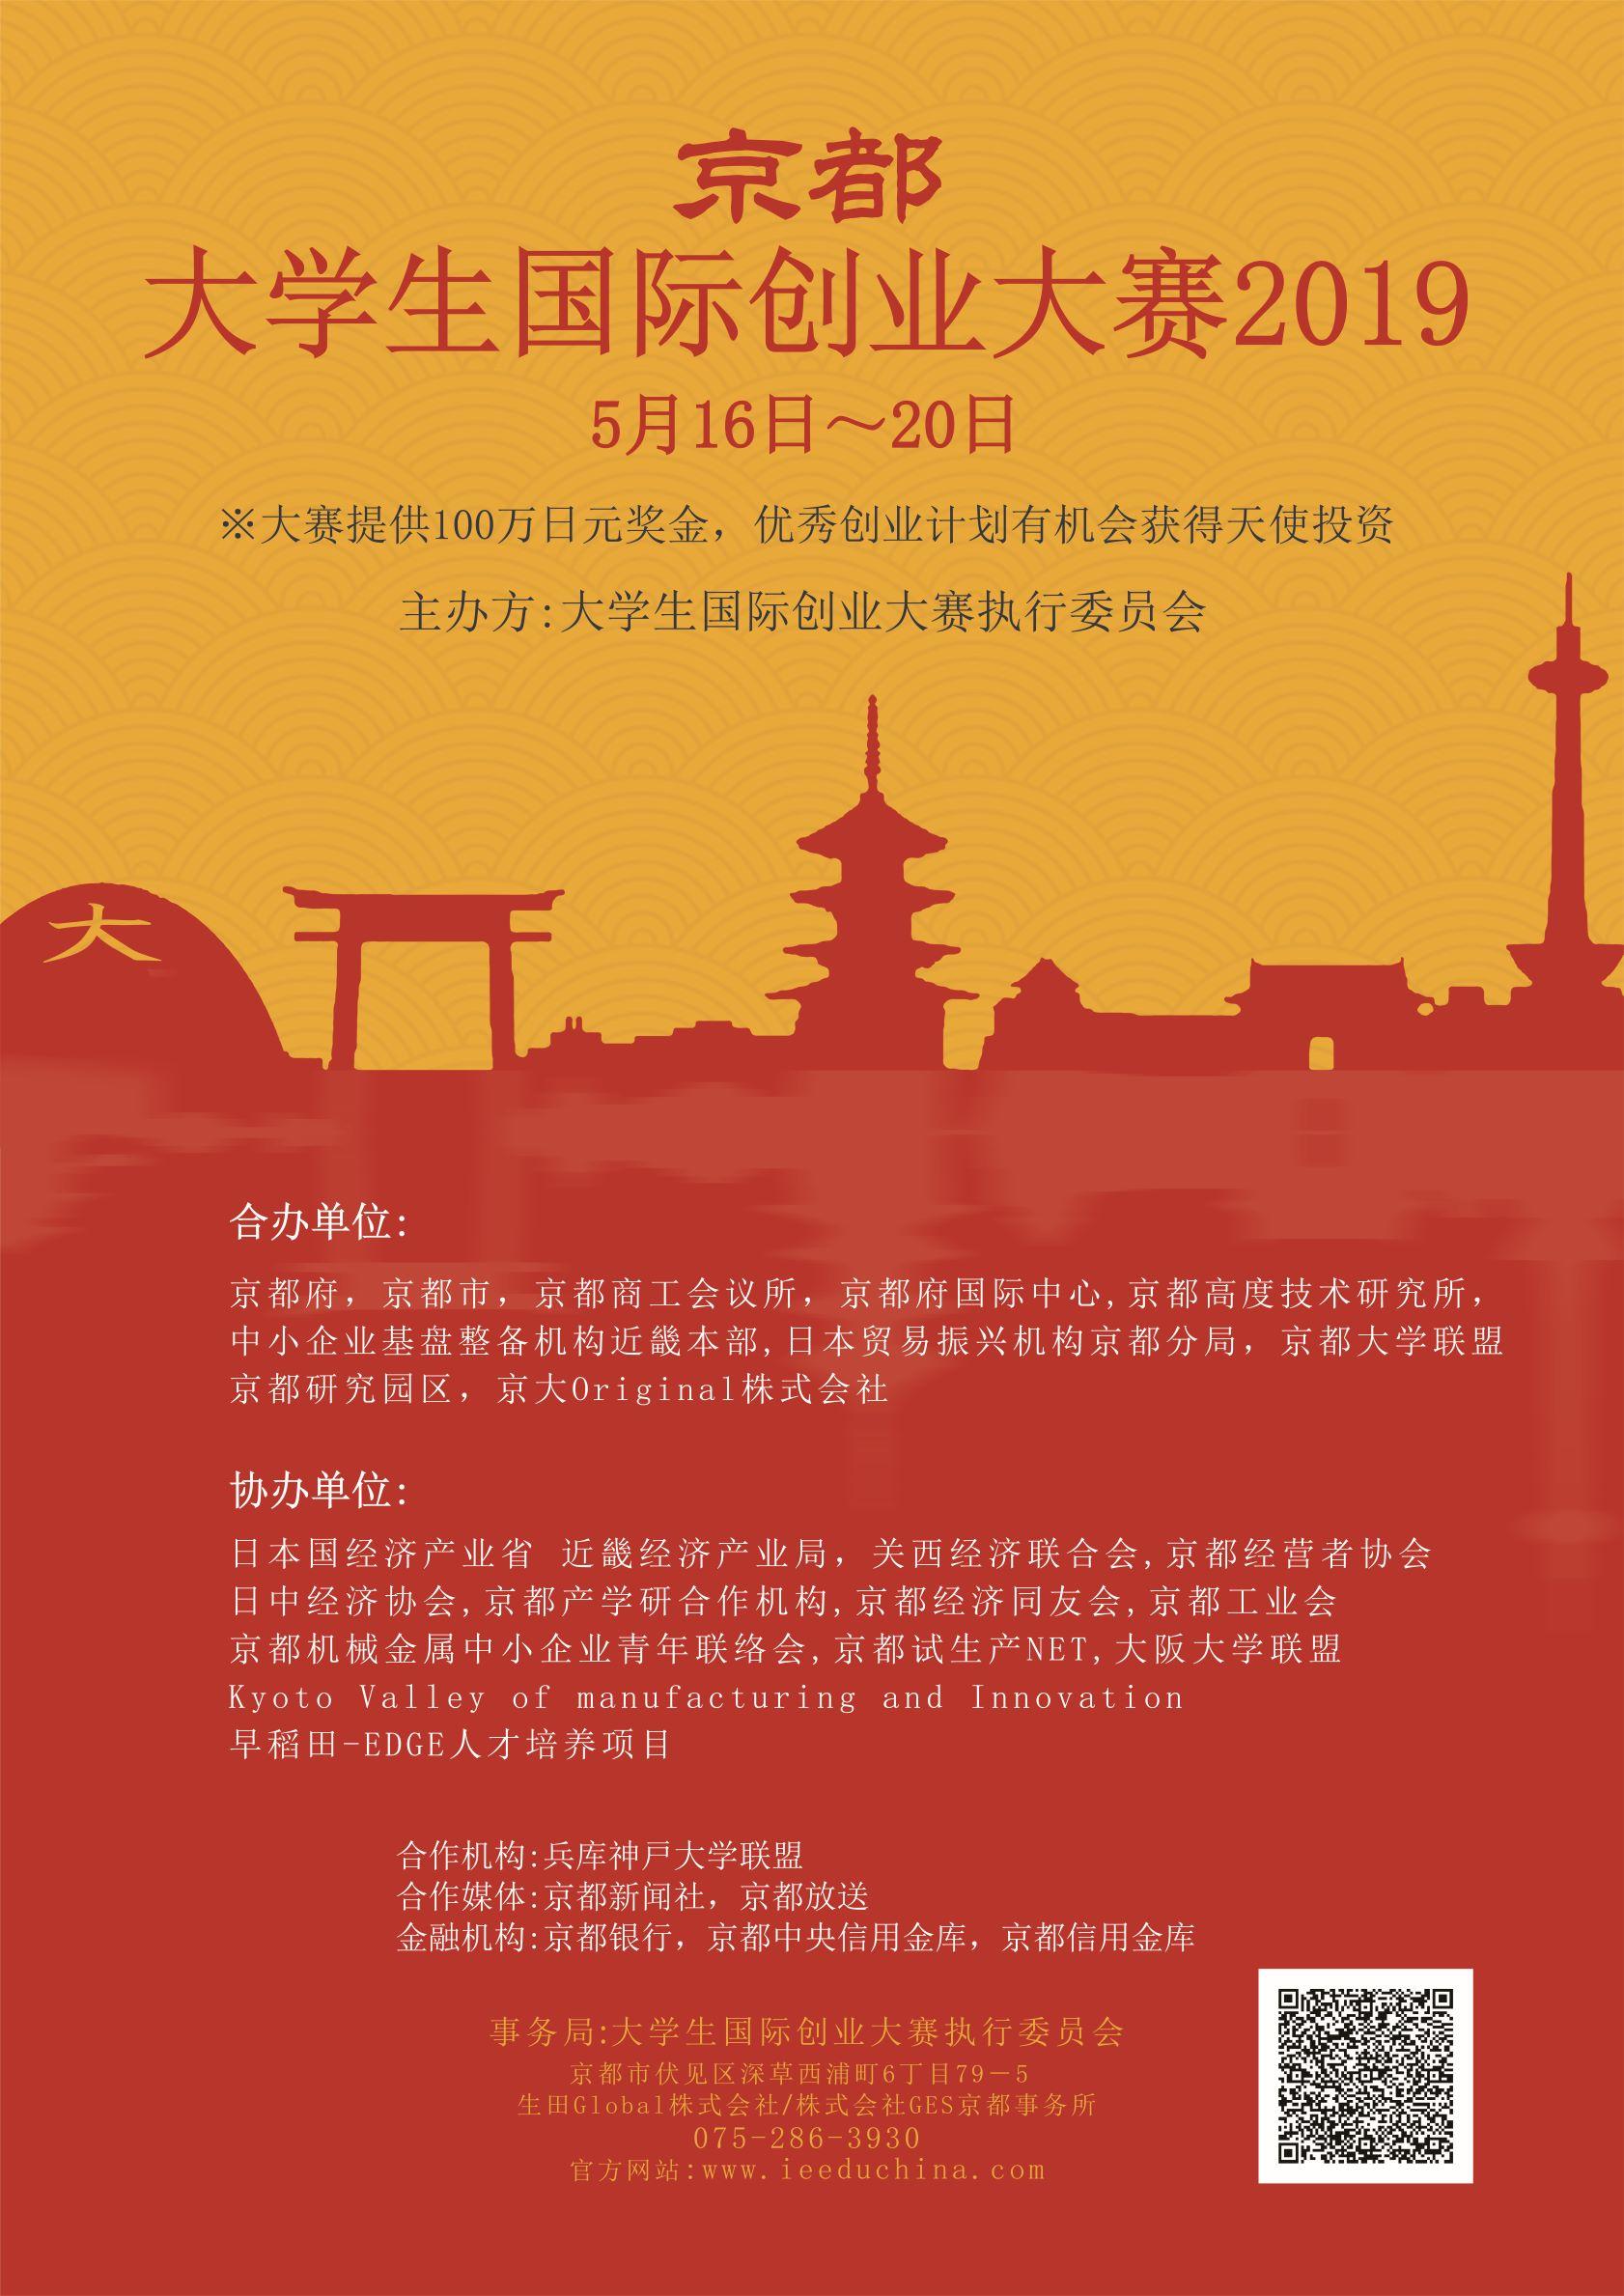 中文海报正常大小.jpg